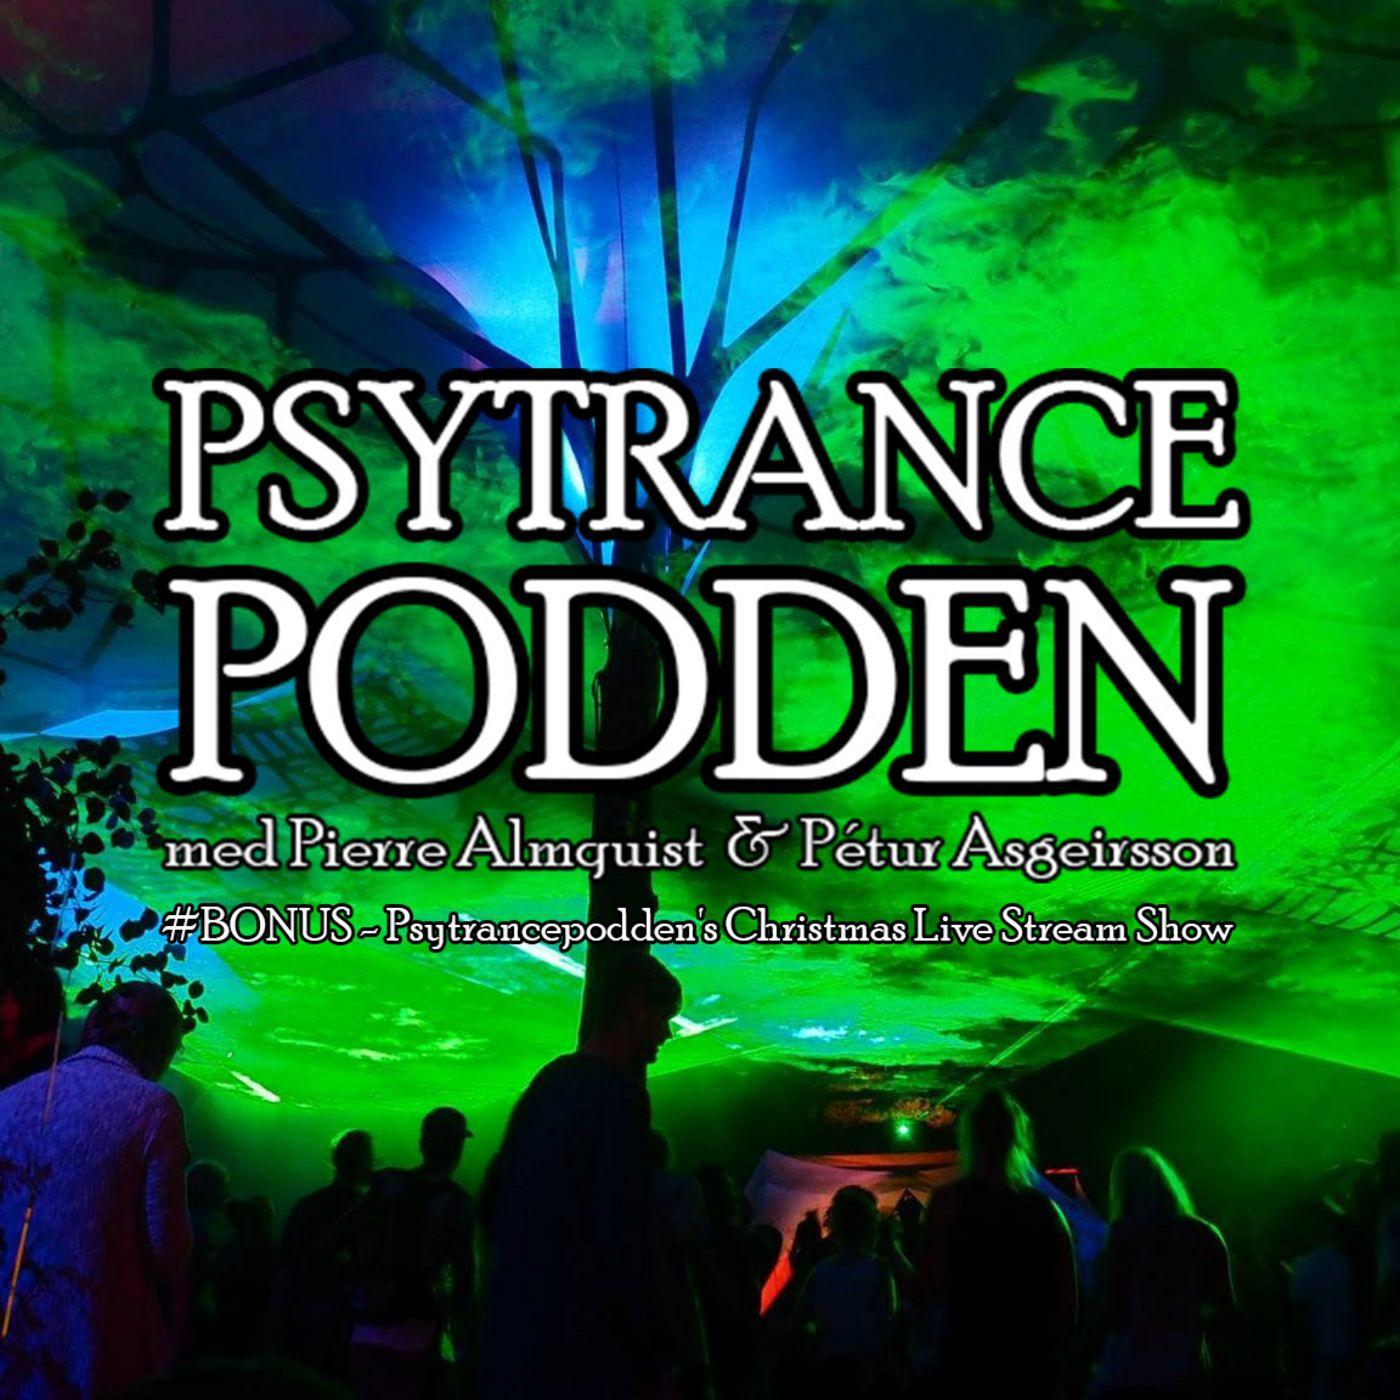 #BONUS - Psytrancepodden's Christmas Live Stream Show 2020